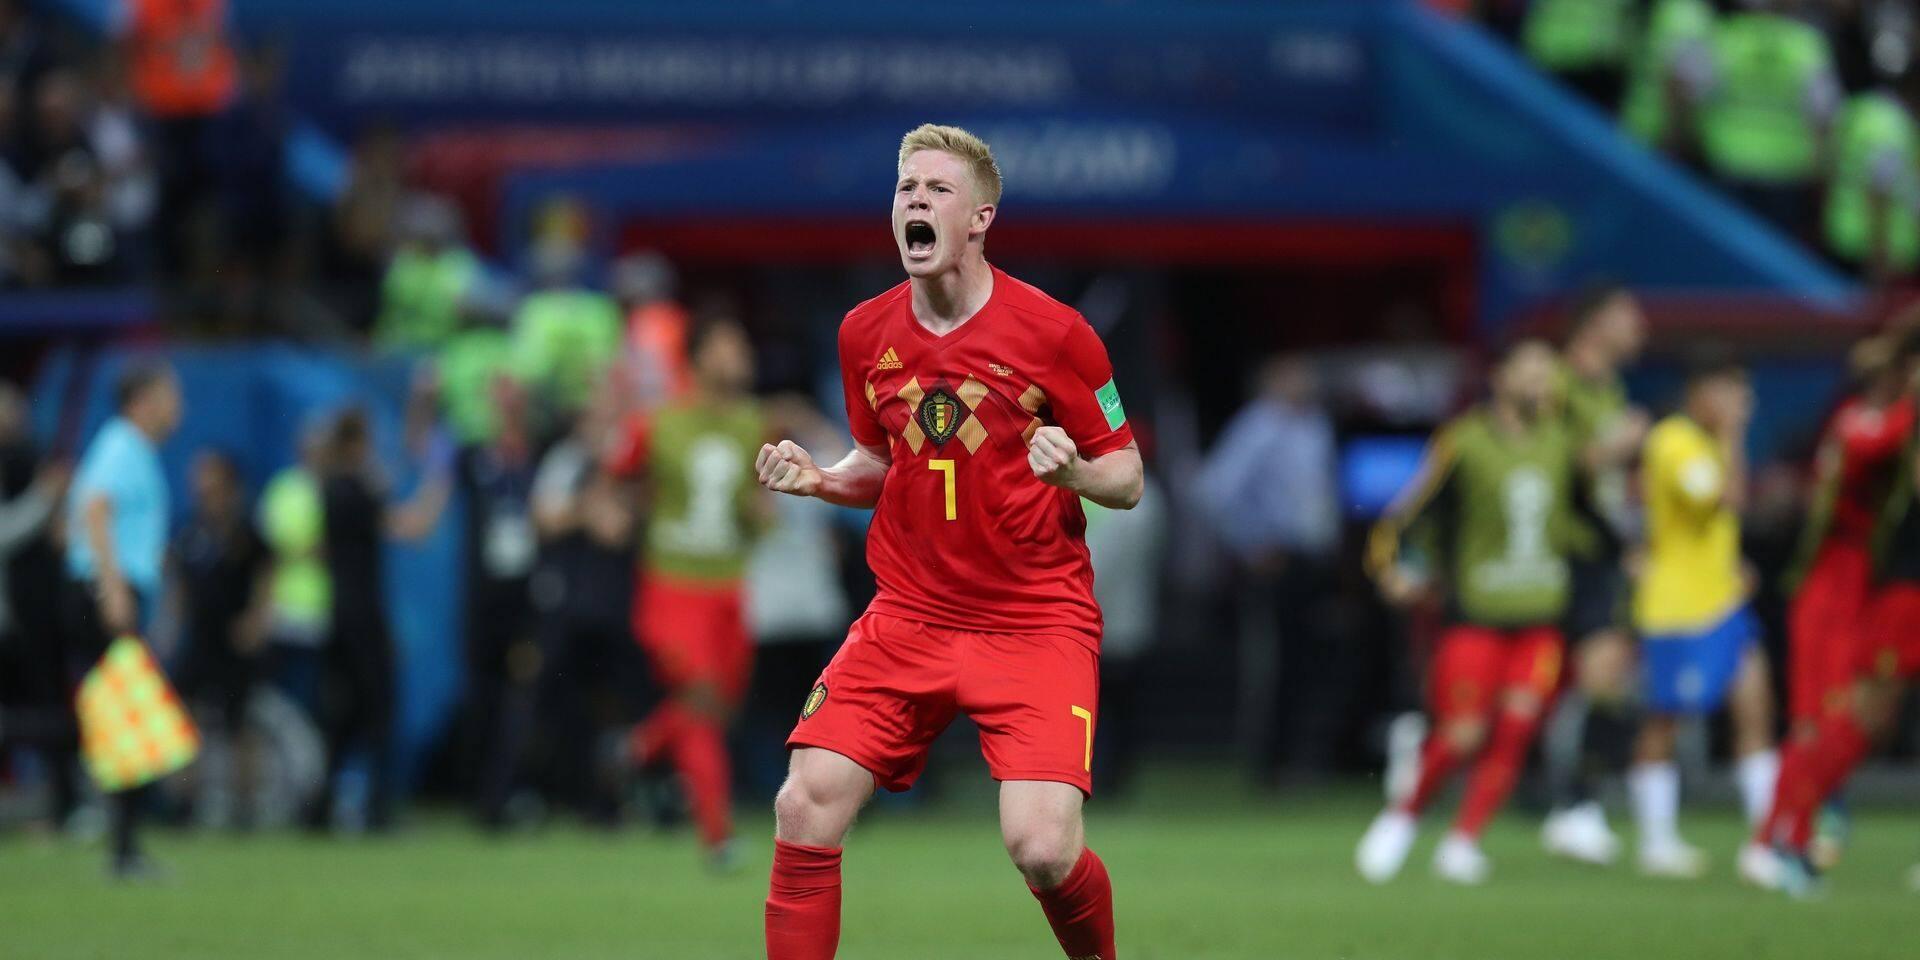 Kevin De Bruyne le joueur belge le plus cher, Eden Hazard hors du top 100